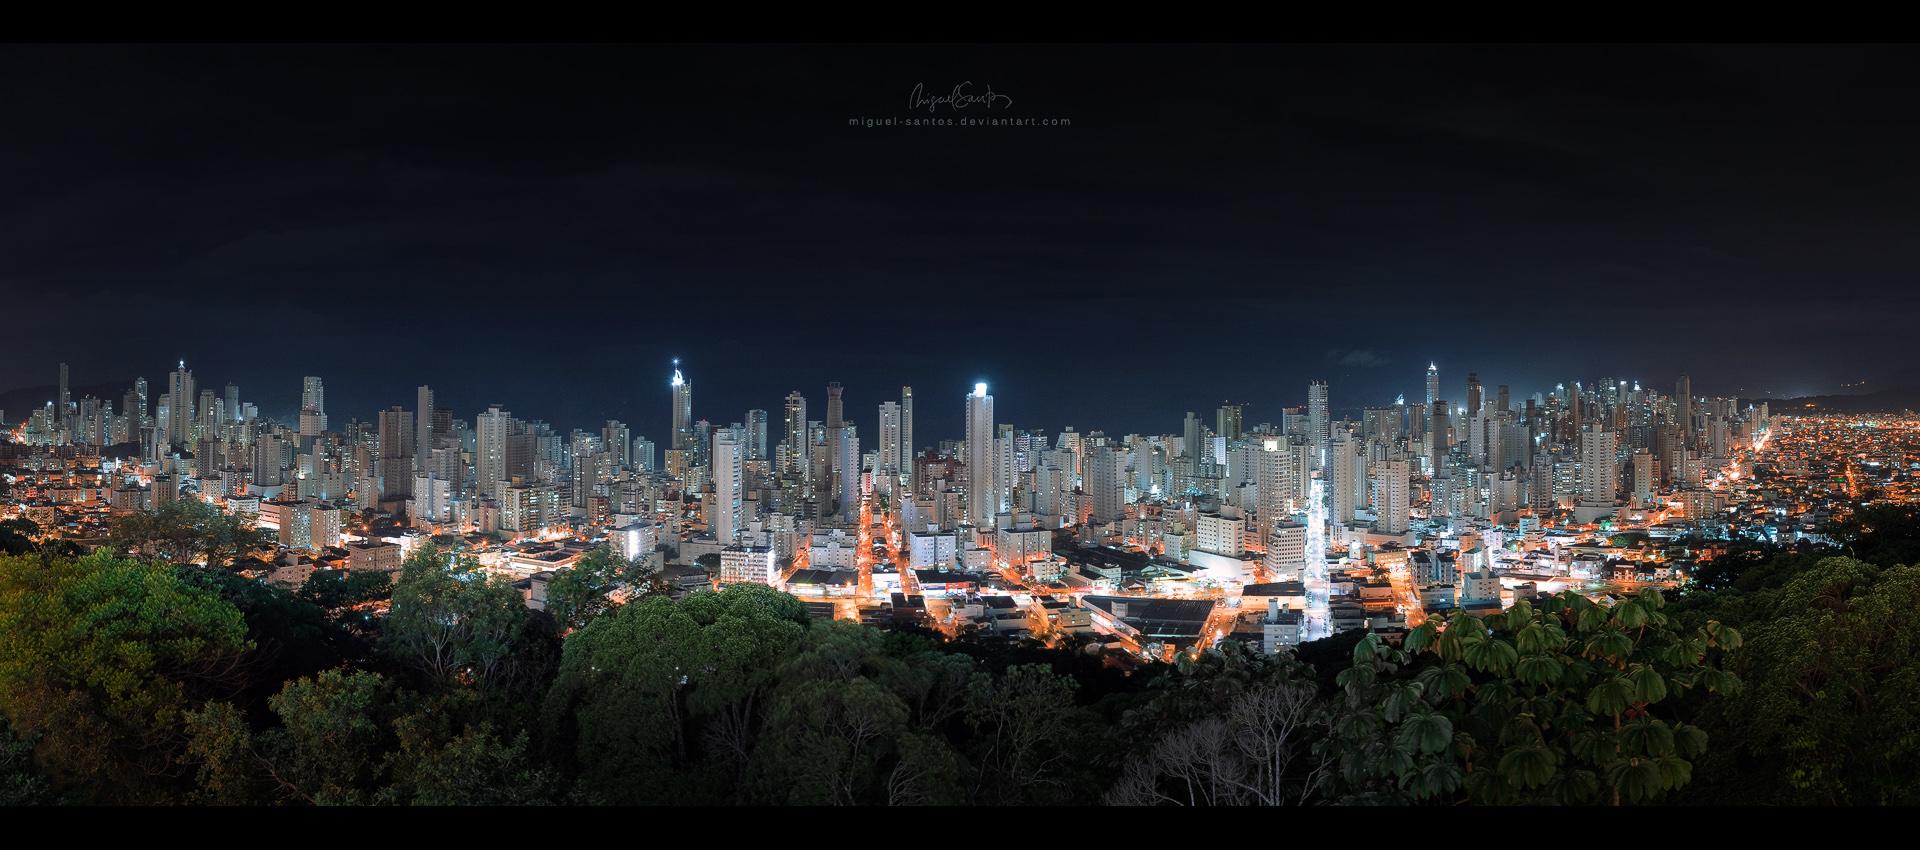 Metropolis by Miguel-Santos